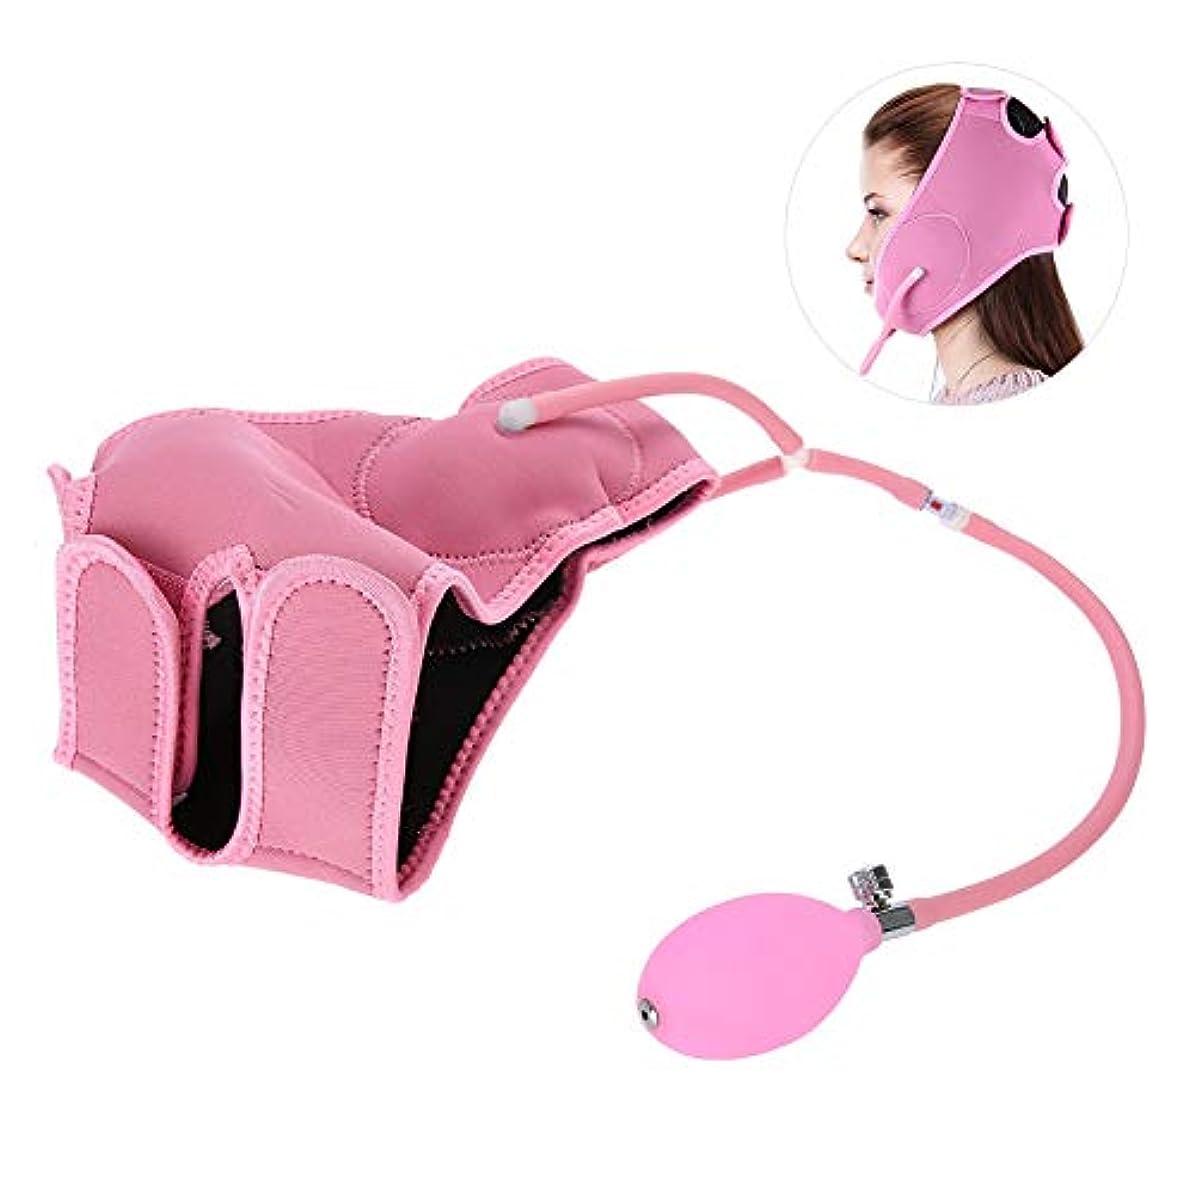 それに応じて些細アニメーションエアバッグ、美顔術および細くおよび顔の持ち上がることのための是正包帯が付いている顔の修正マスク